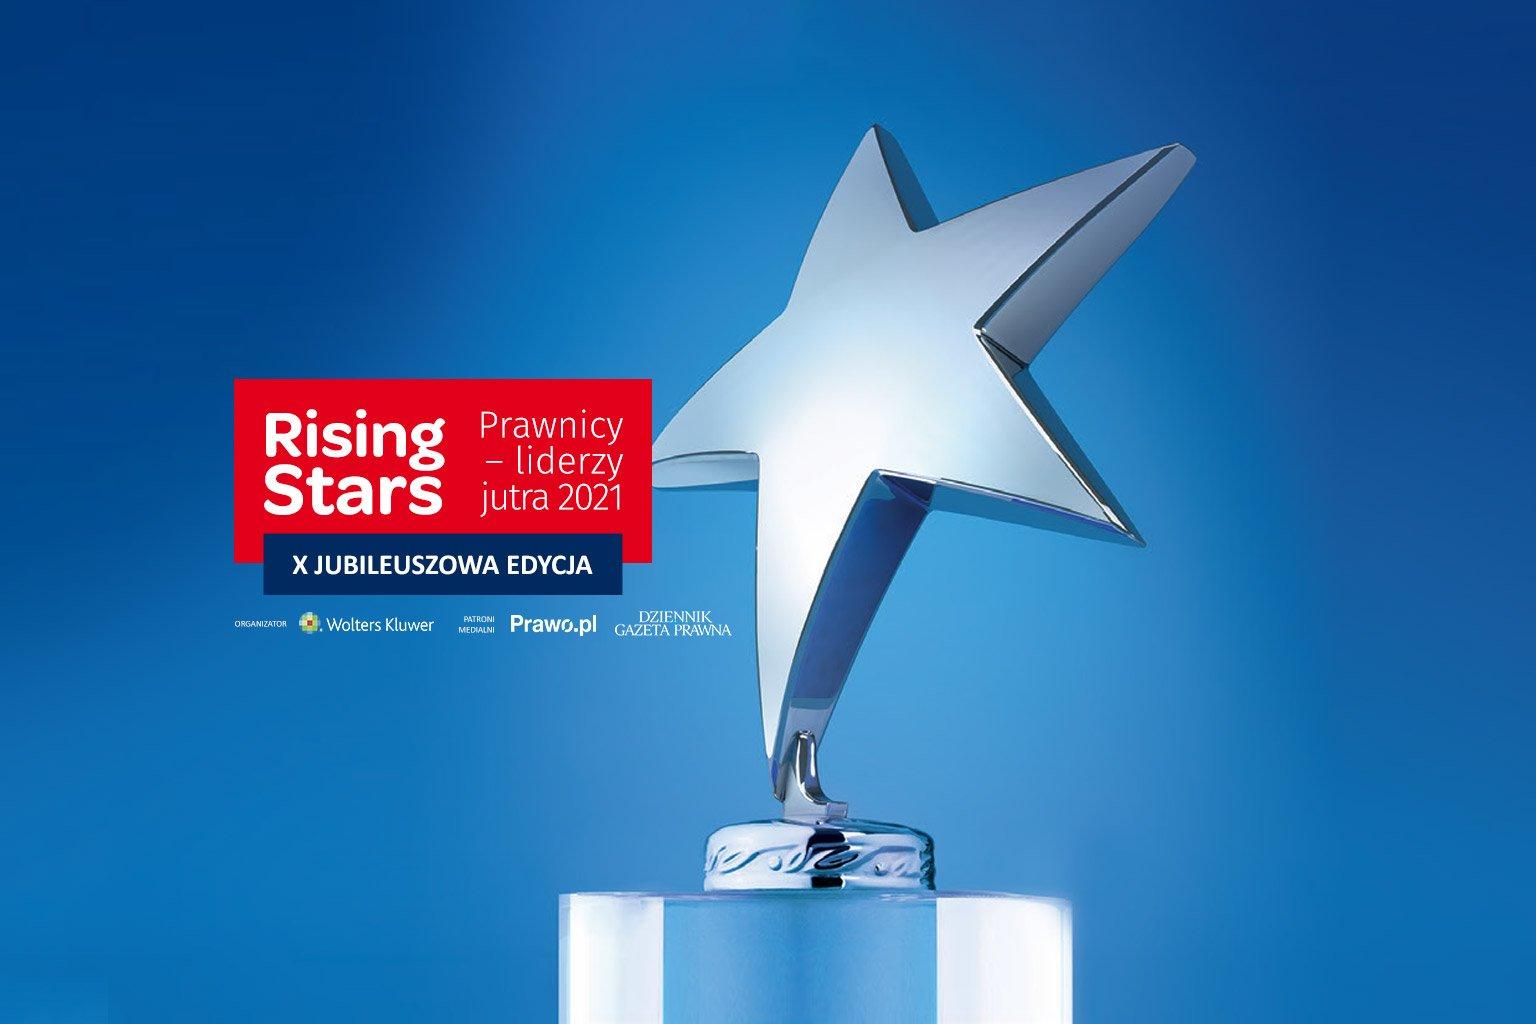 Jubileuszowa X edycja prestiżowego konkursu Rising Stars Prawnicy – Liderzy jutra 2021 Szukamy prawniczych gwiazd!